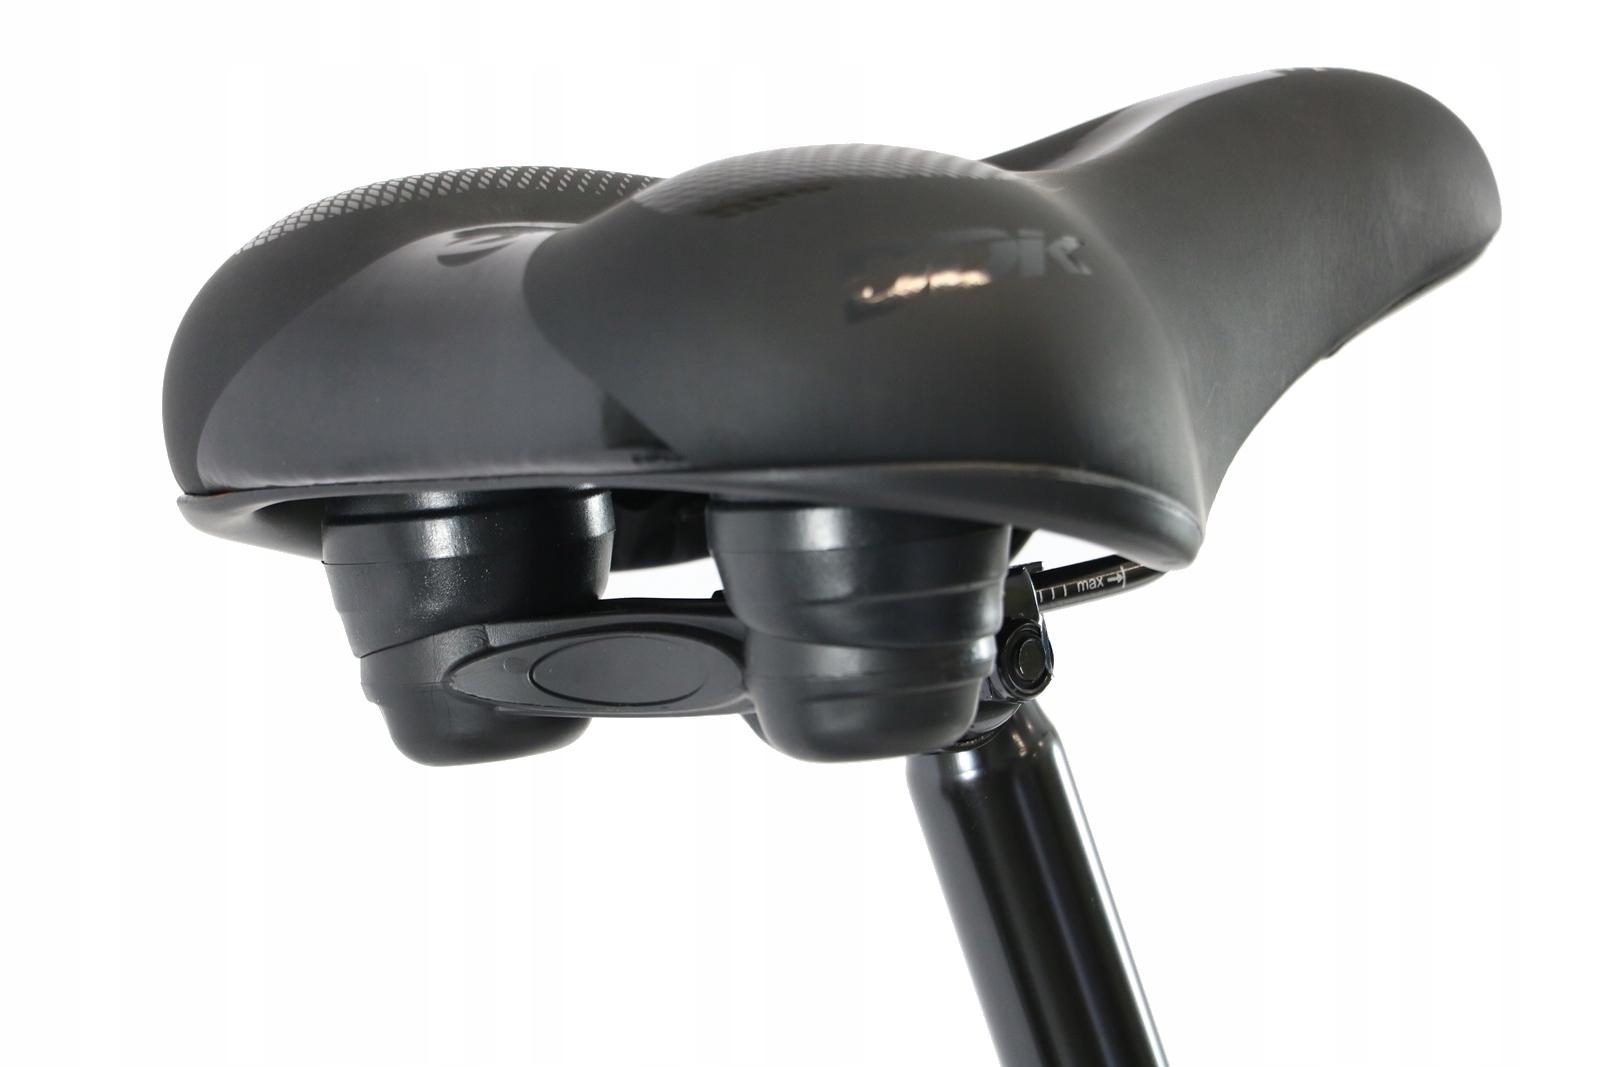 ROWER TREKKINGOWY DAMSKI MĘSKI SHIMANO 28 ALU Wyposażenie dodatkowe bagażnik błotniki dzwonek oświetlenie pompka stopka osłona łańcucha